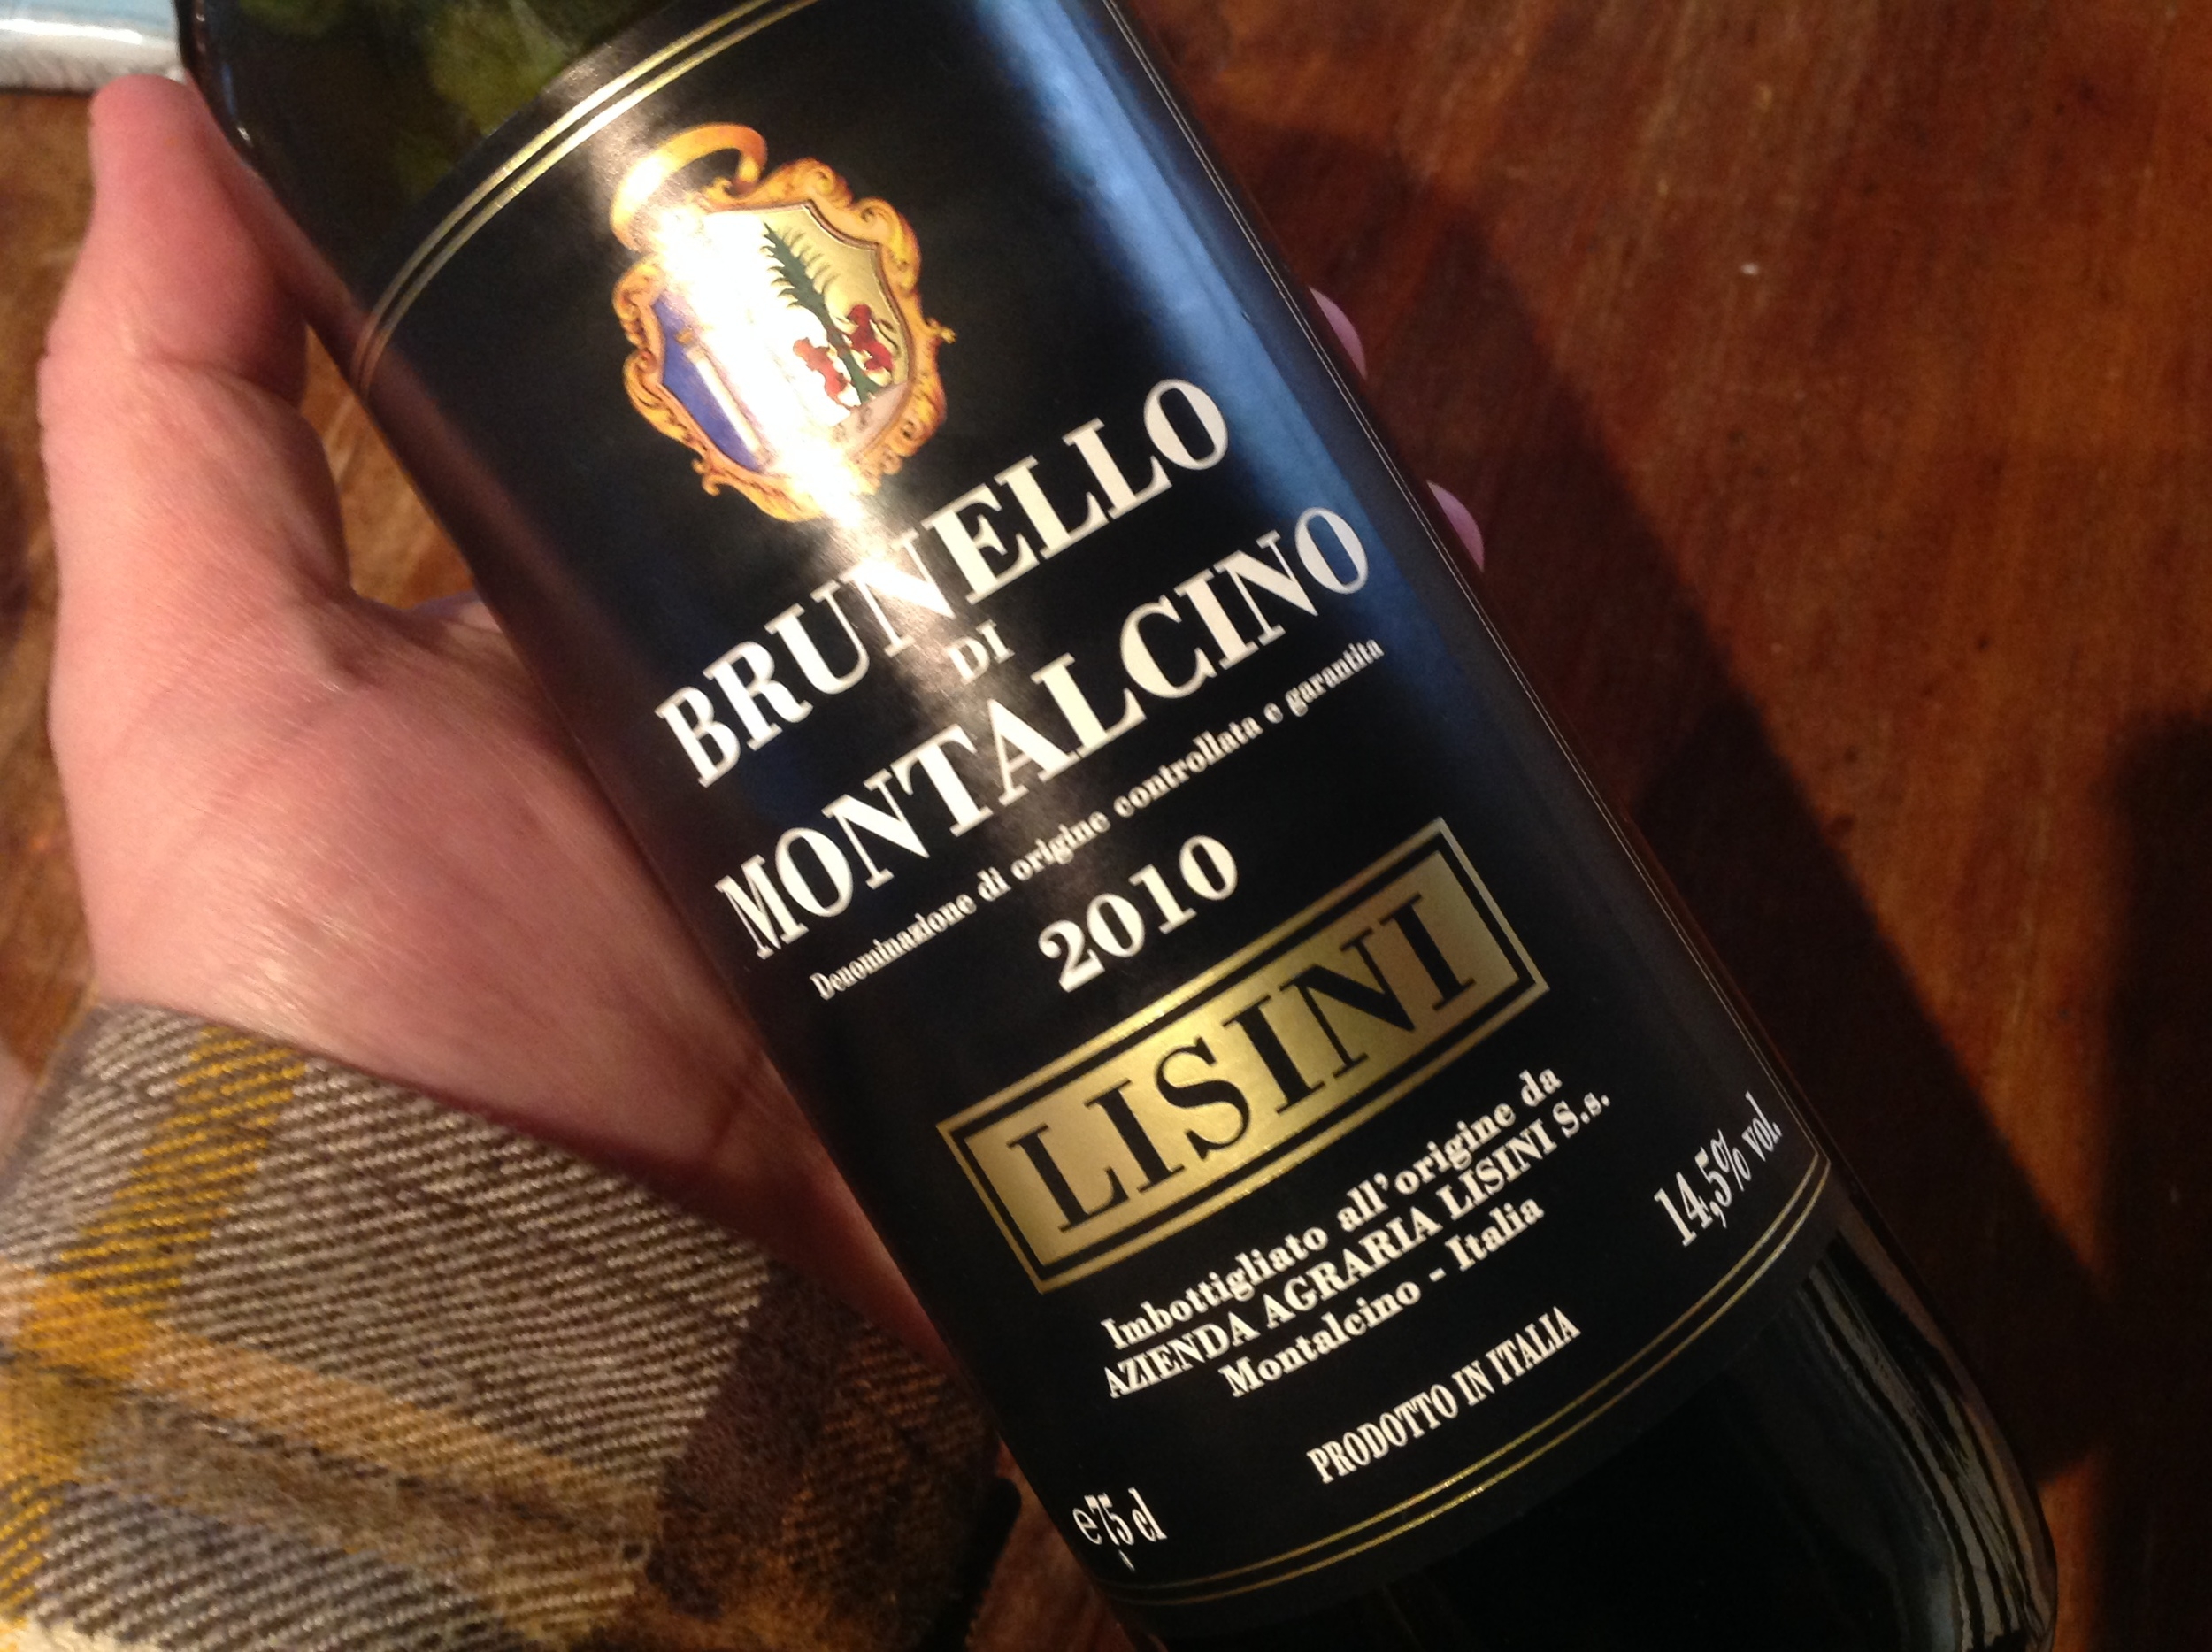 Lisini 2010 Brunello di Montalcino